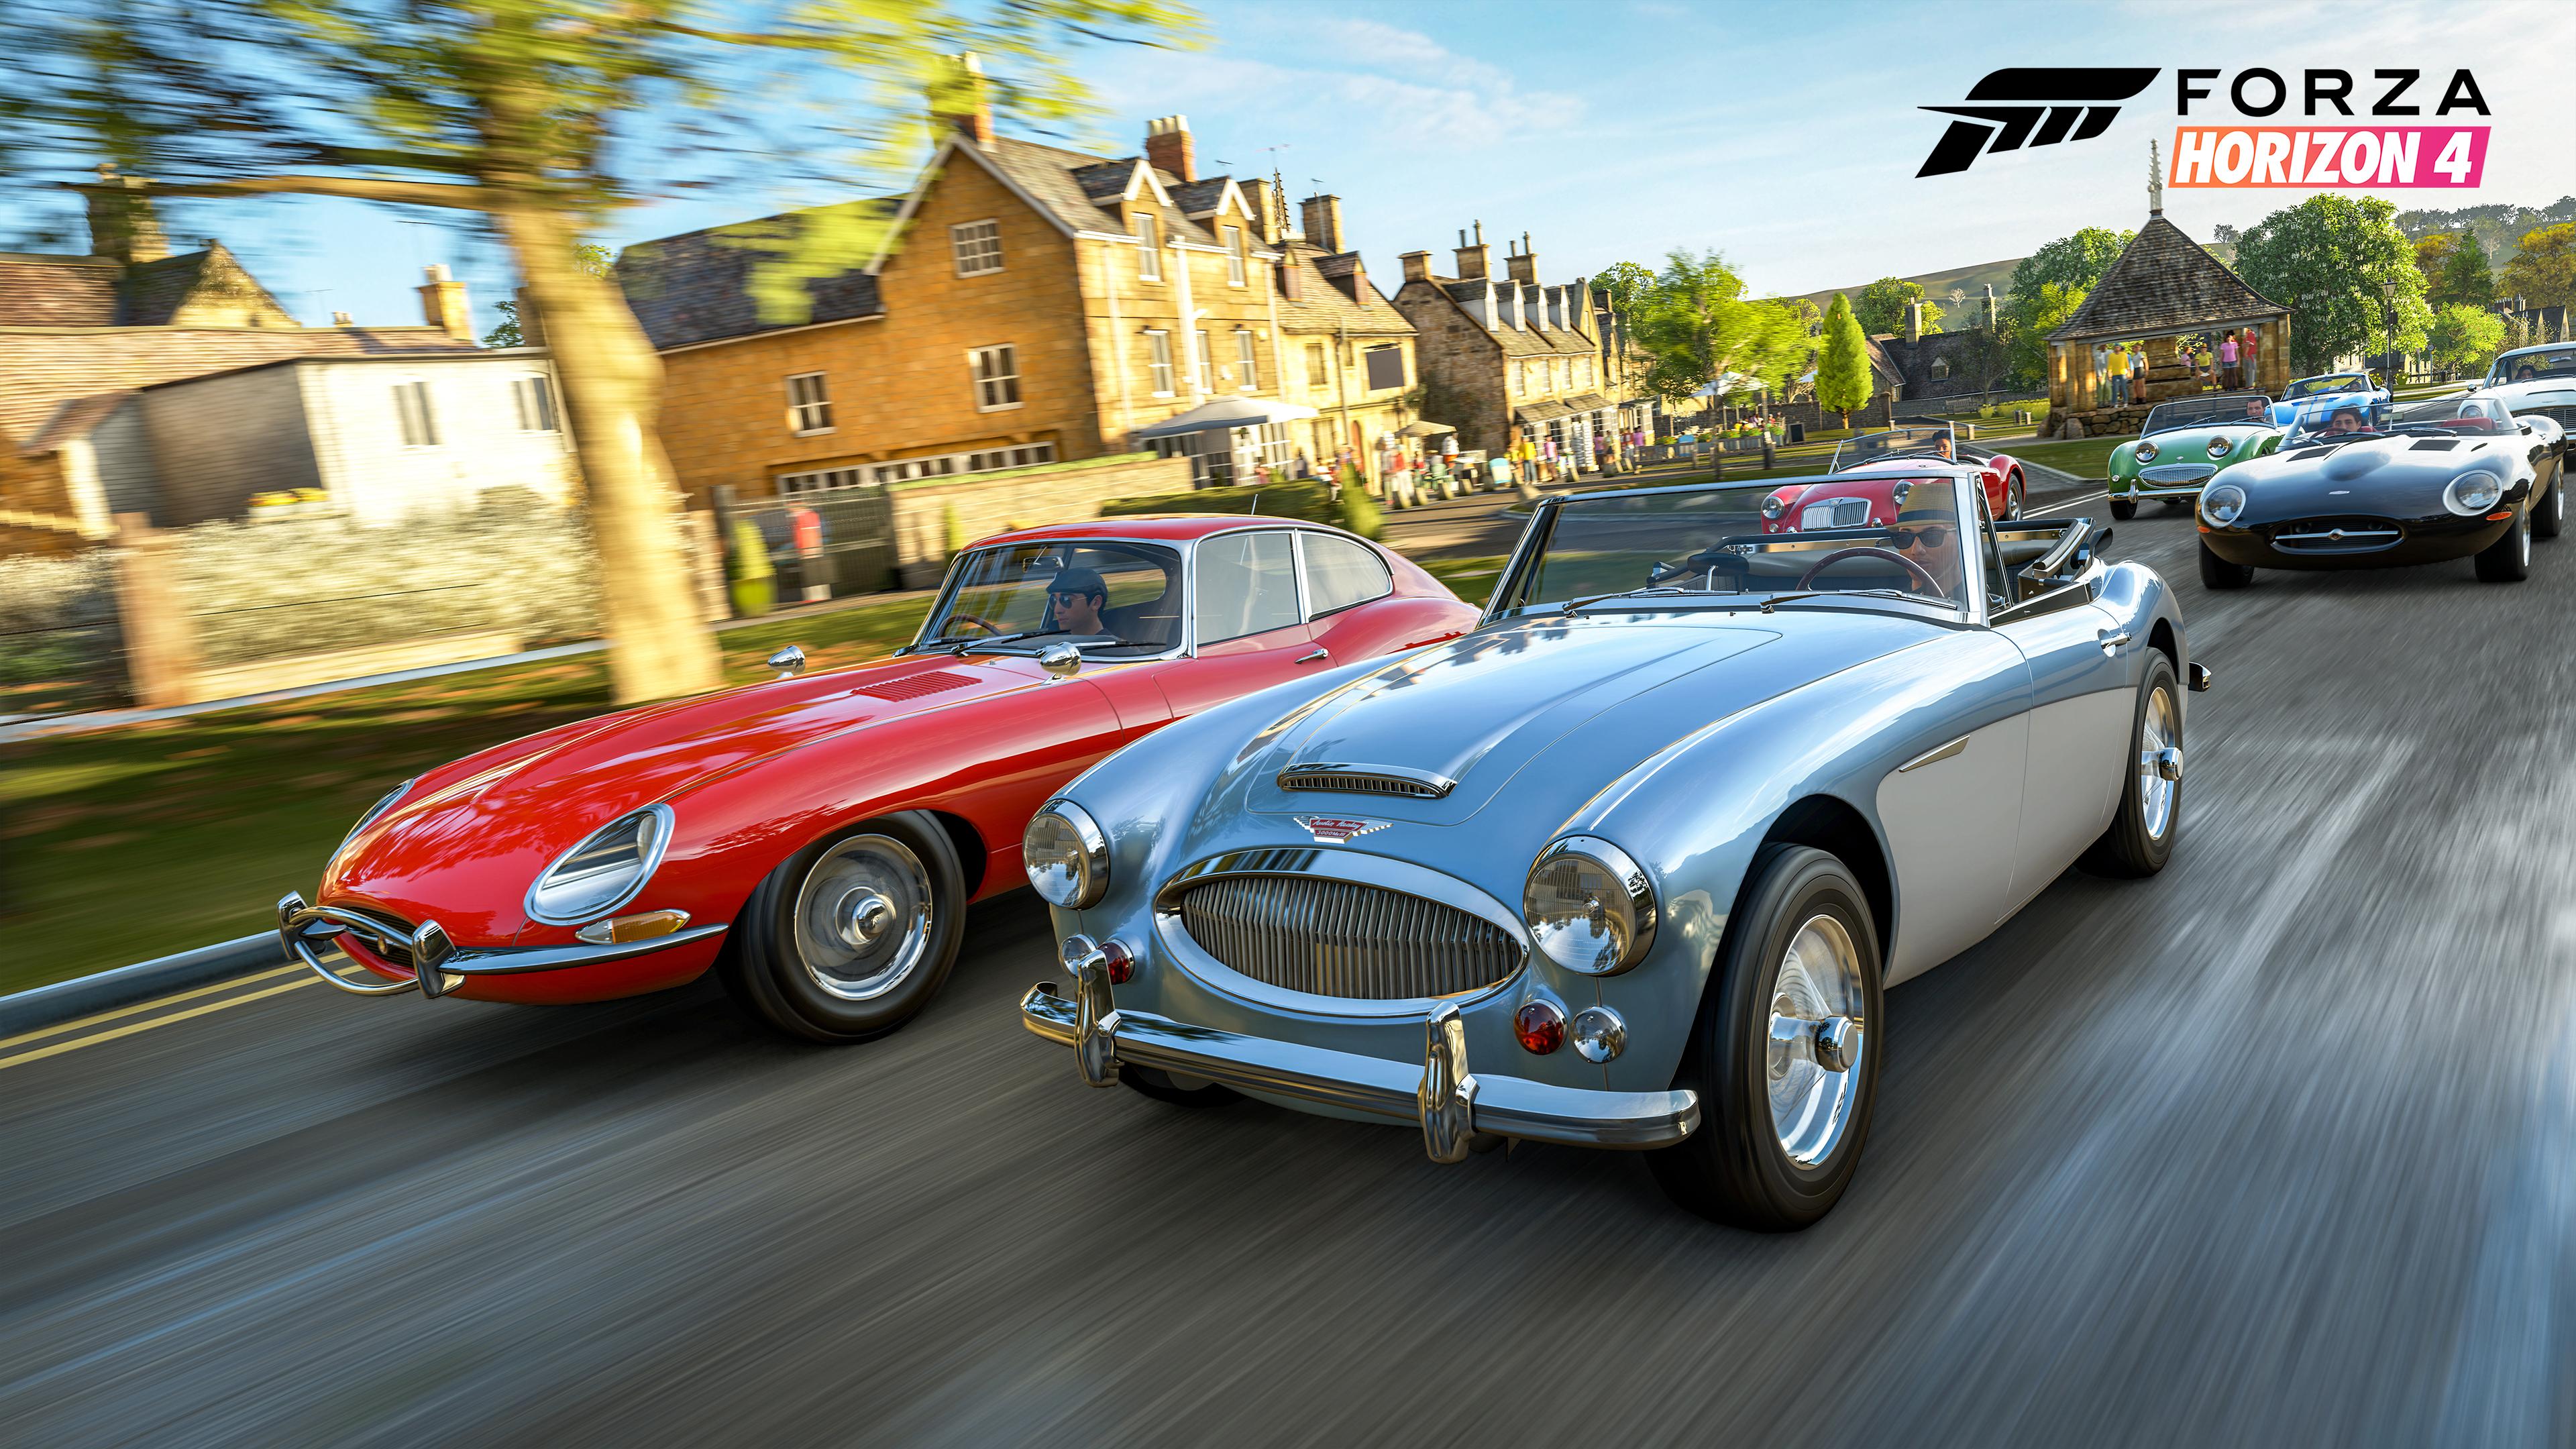 Le jeu offre plus de 450 modèles de véhicules, provenant de différentes époques